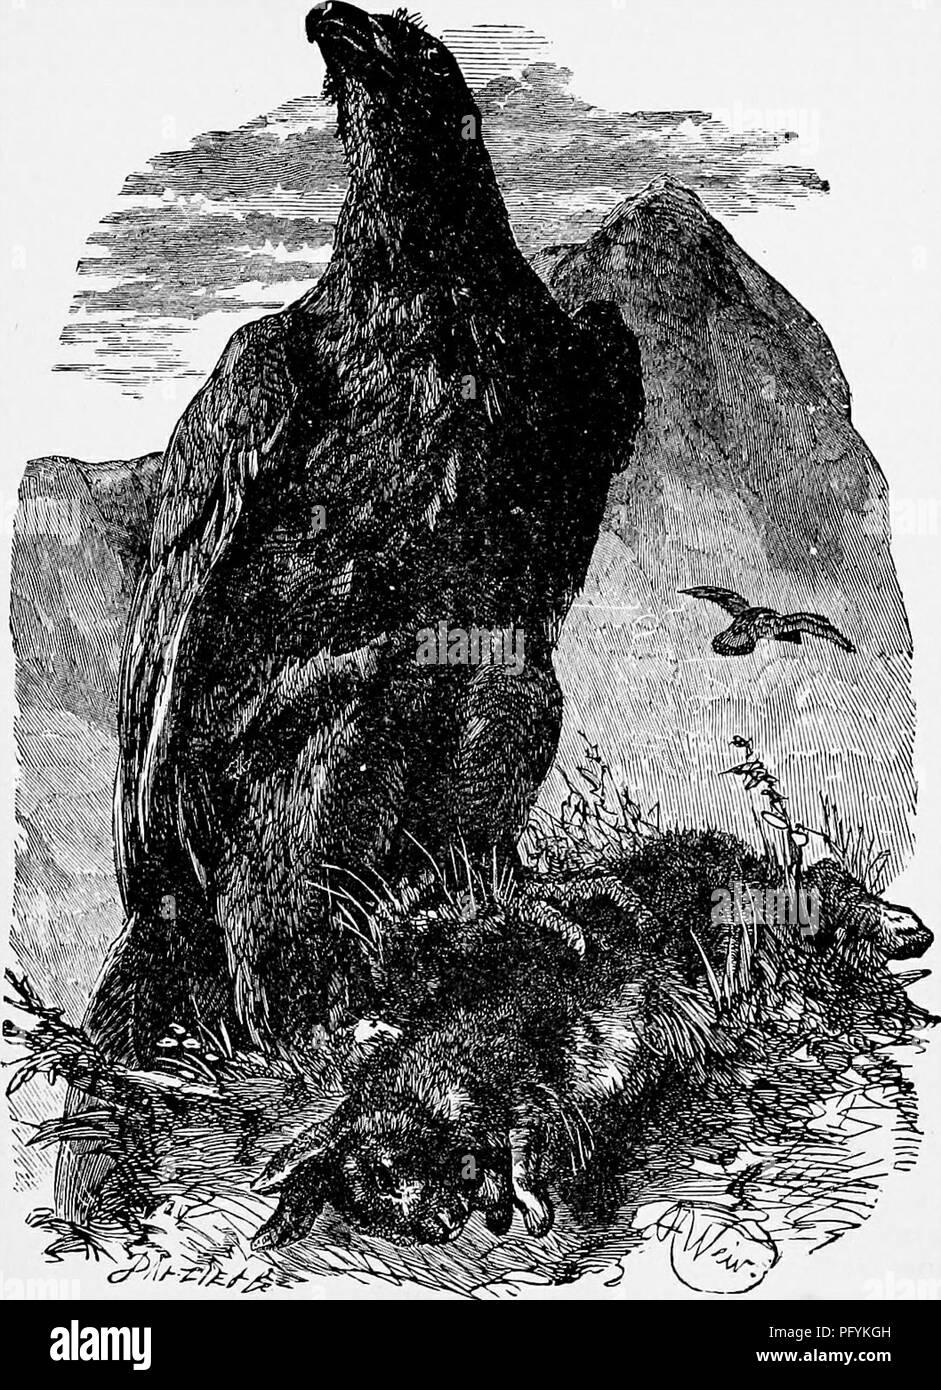 4d98b3488aeb5 lhistoire-naturelle-populaire-zoologie-laigle-royal-339-gris-diversifie-avec-plusieurs-bars-fonce-brun-ordinaire-iil-son-immature-le-plumage- de-laigle-royal ...